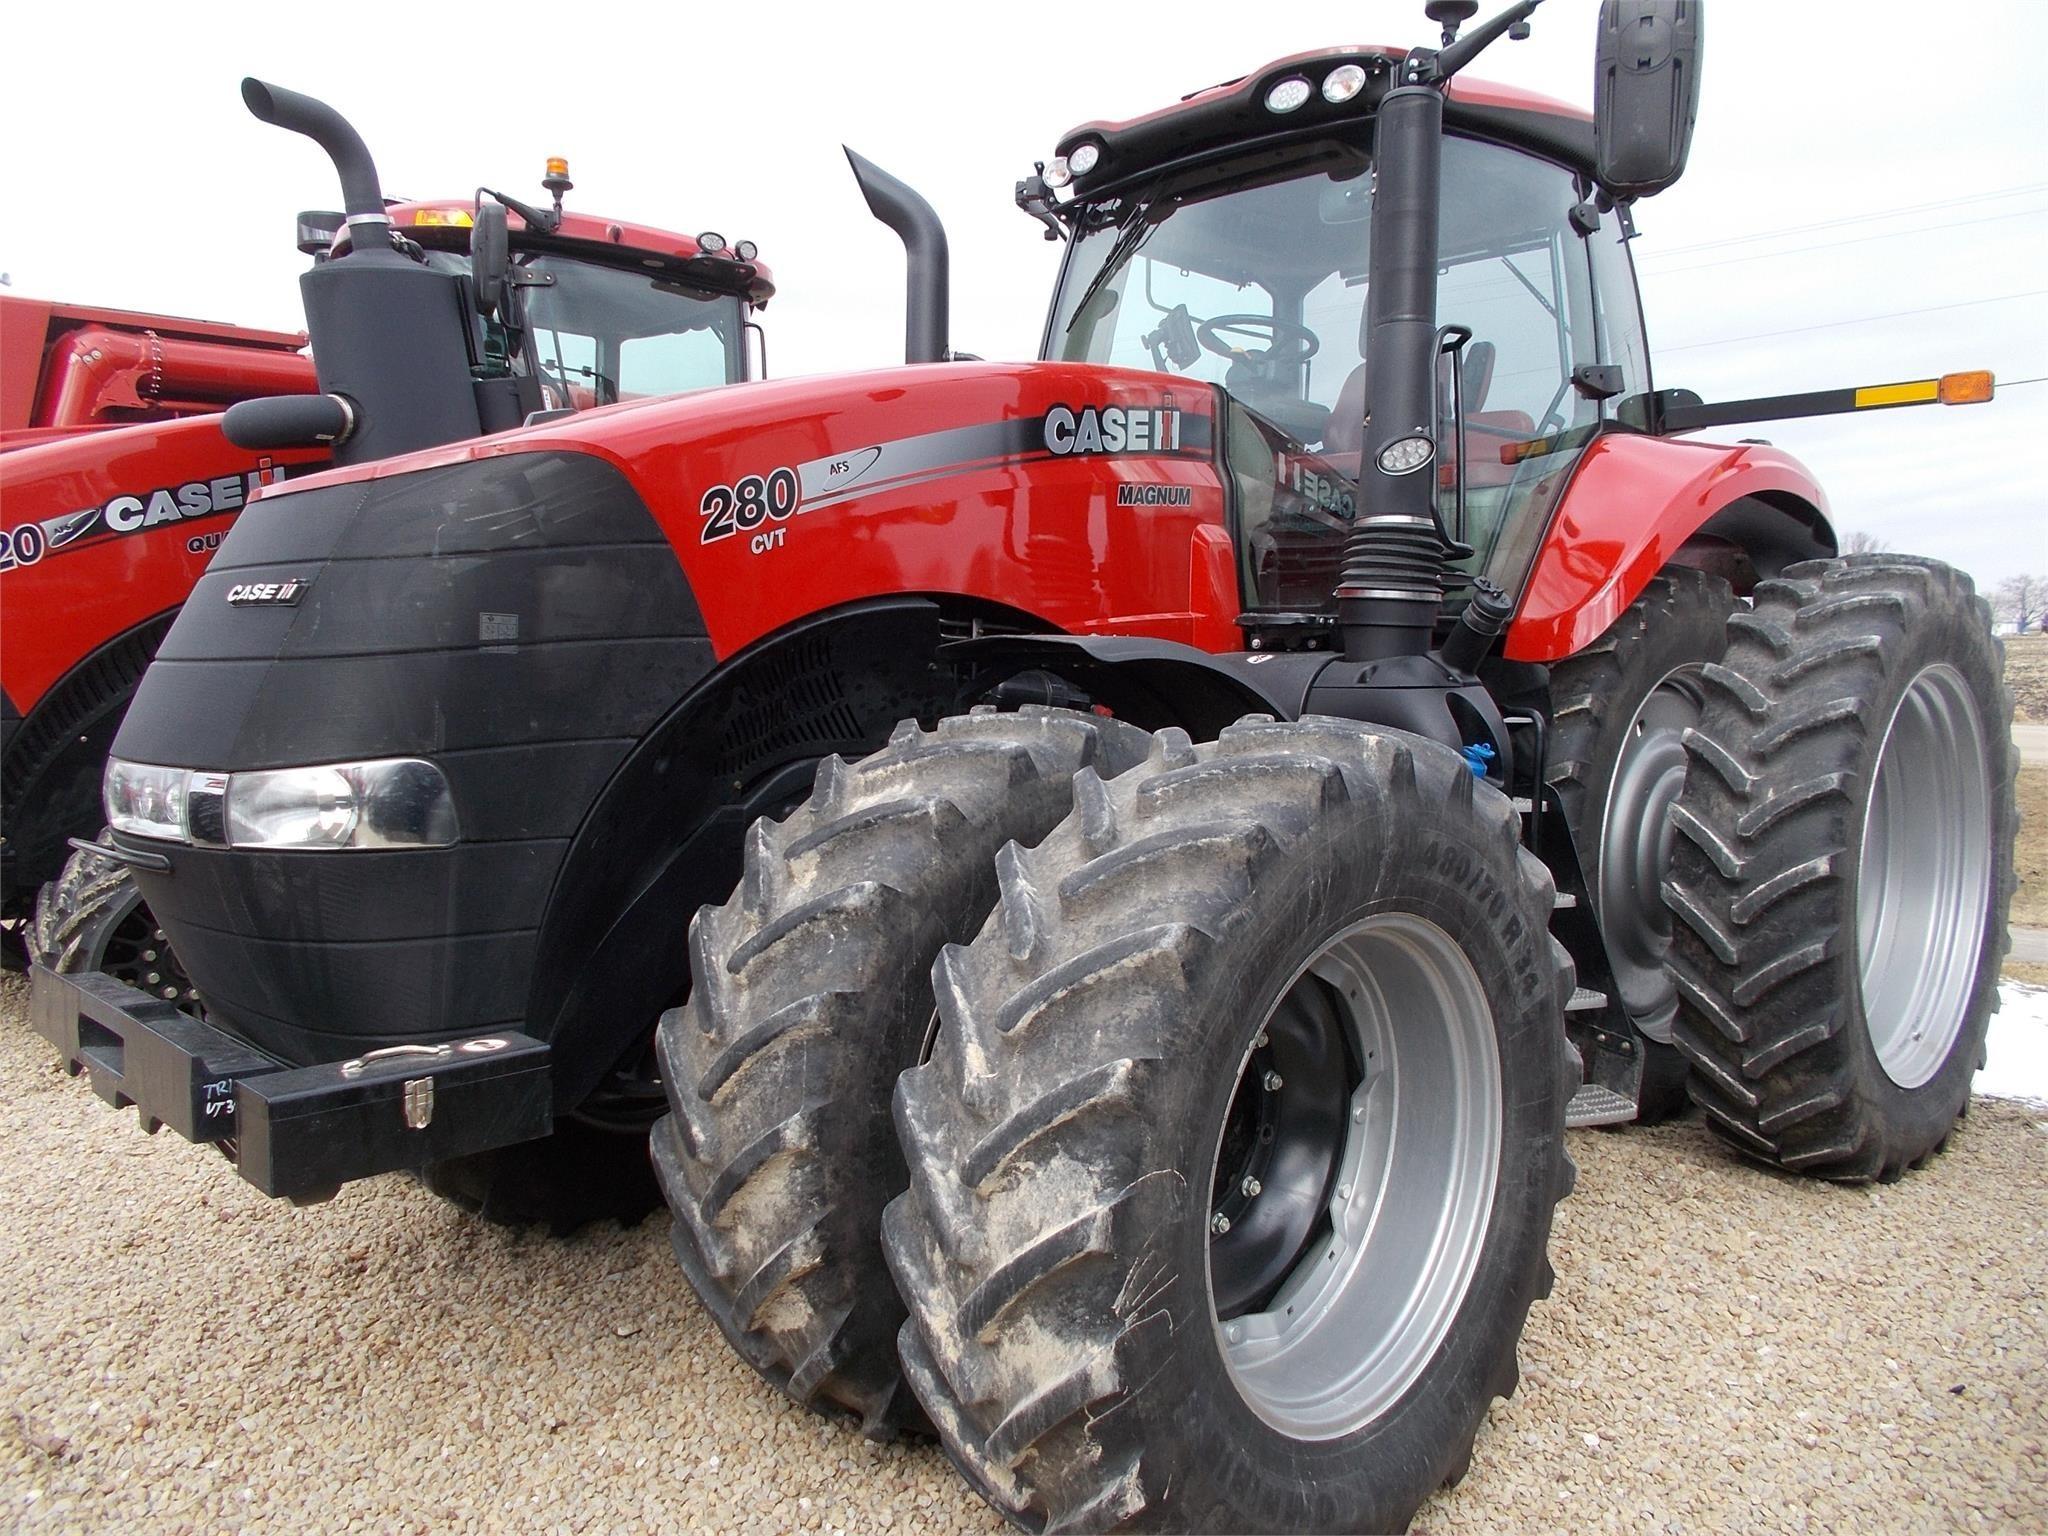 2017 Case IH Magnum 280 CVT Tractor